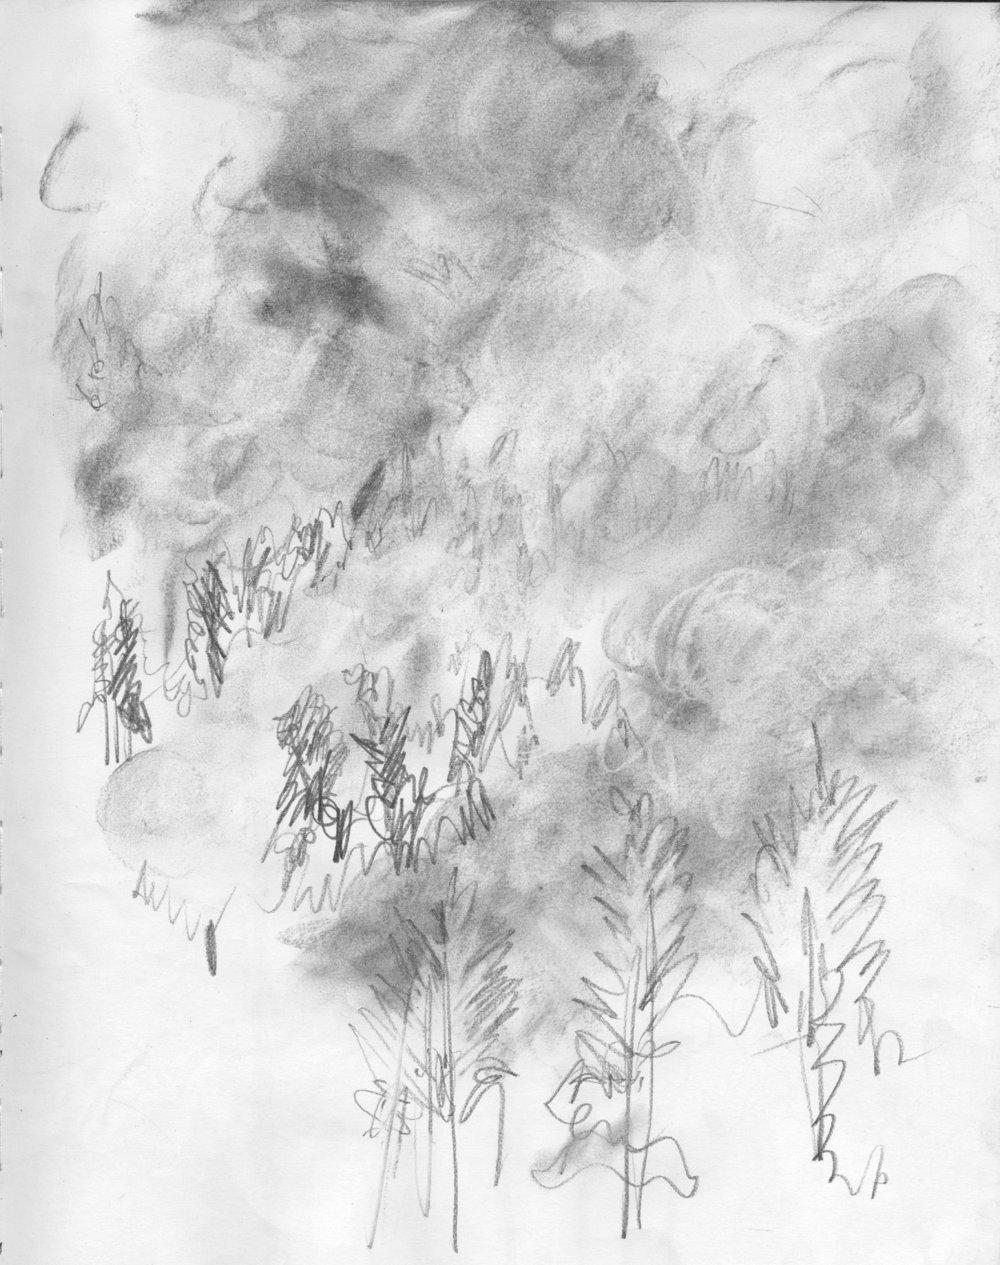 EM Gap Fire sketch 08 2016 1500x.jpg